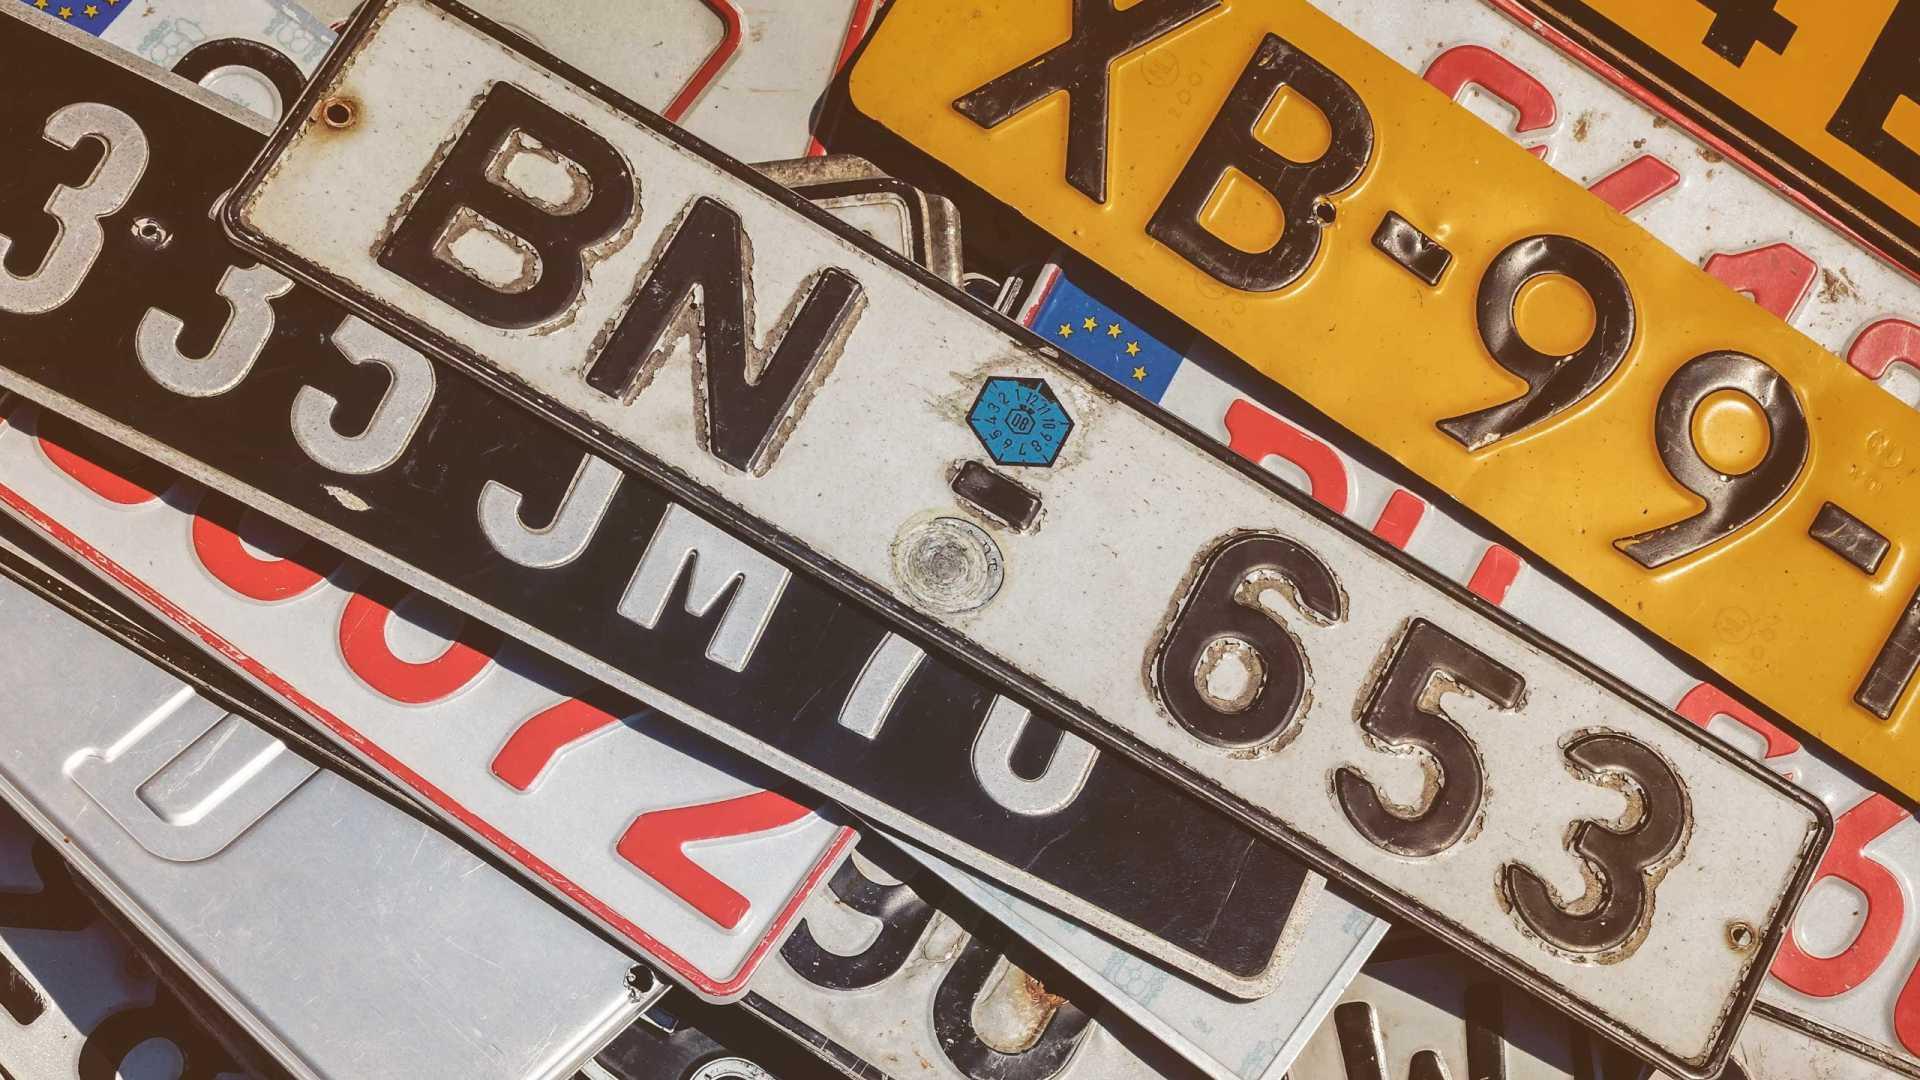 Le numéro d'immatriculation est l'information capitale pour connaître le propriétaire d'un véhicule